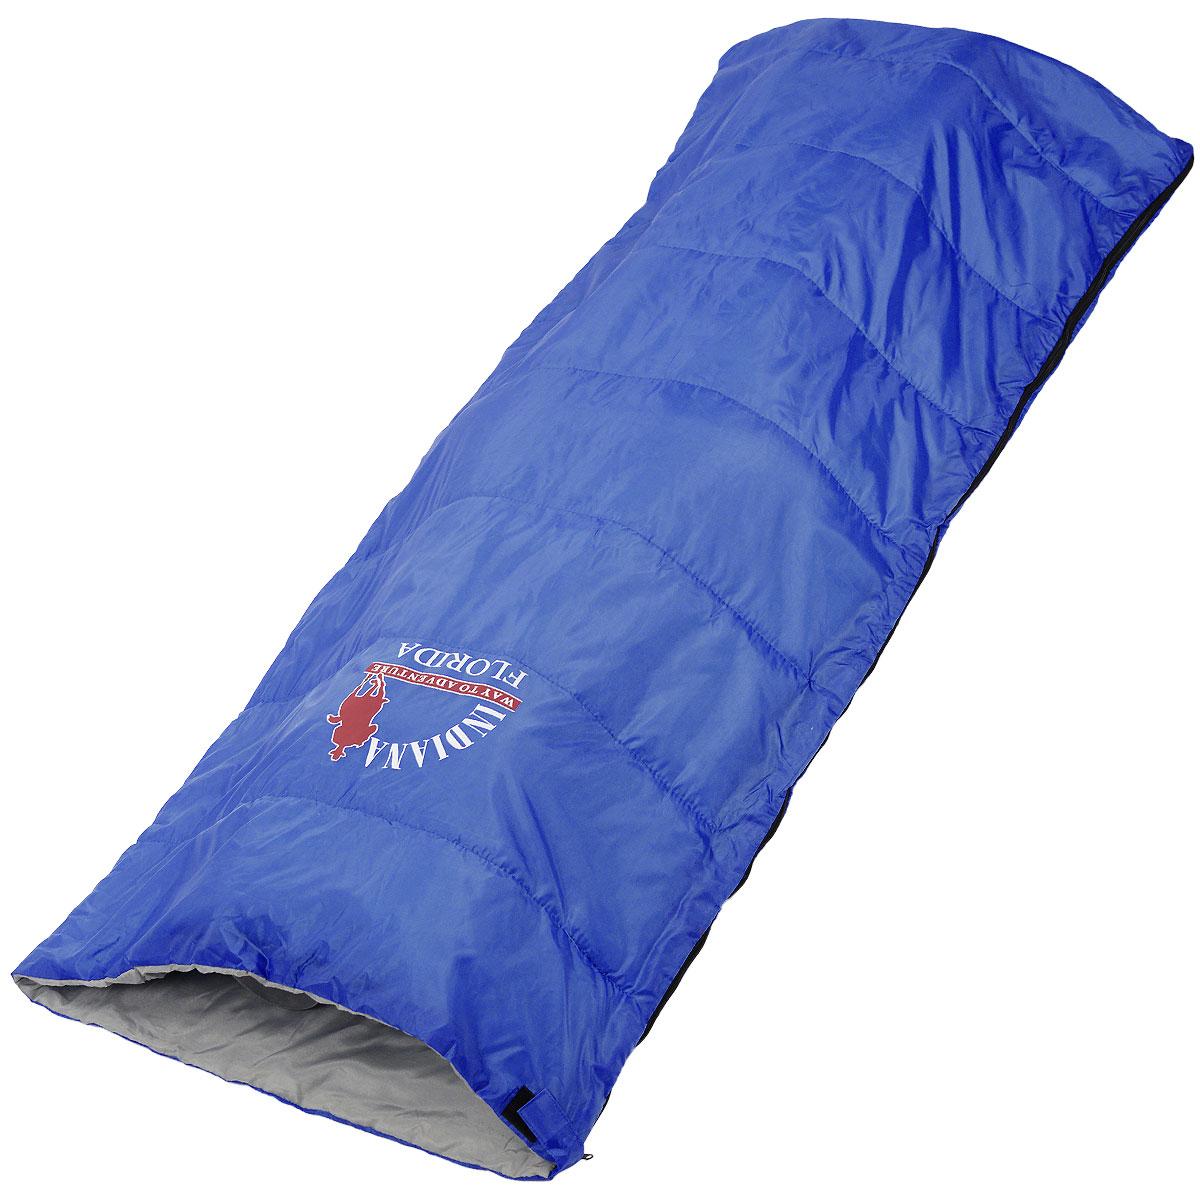 Спальный мешок-одеяло Indiana Florida, 180 см х 75 см360700031Классический спальный мешок Indiana Florida предусмотрен как для лета, так и для прохладного времени года, так как рассчитан на температуру от +5° C до +25°С. В сложенном виде мешок занимает очень мало места и весит совсем не много. Отлично подходит для летних походов, кемпинга и отдыха на природе.